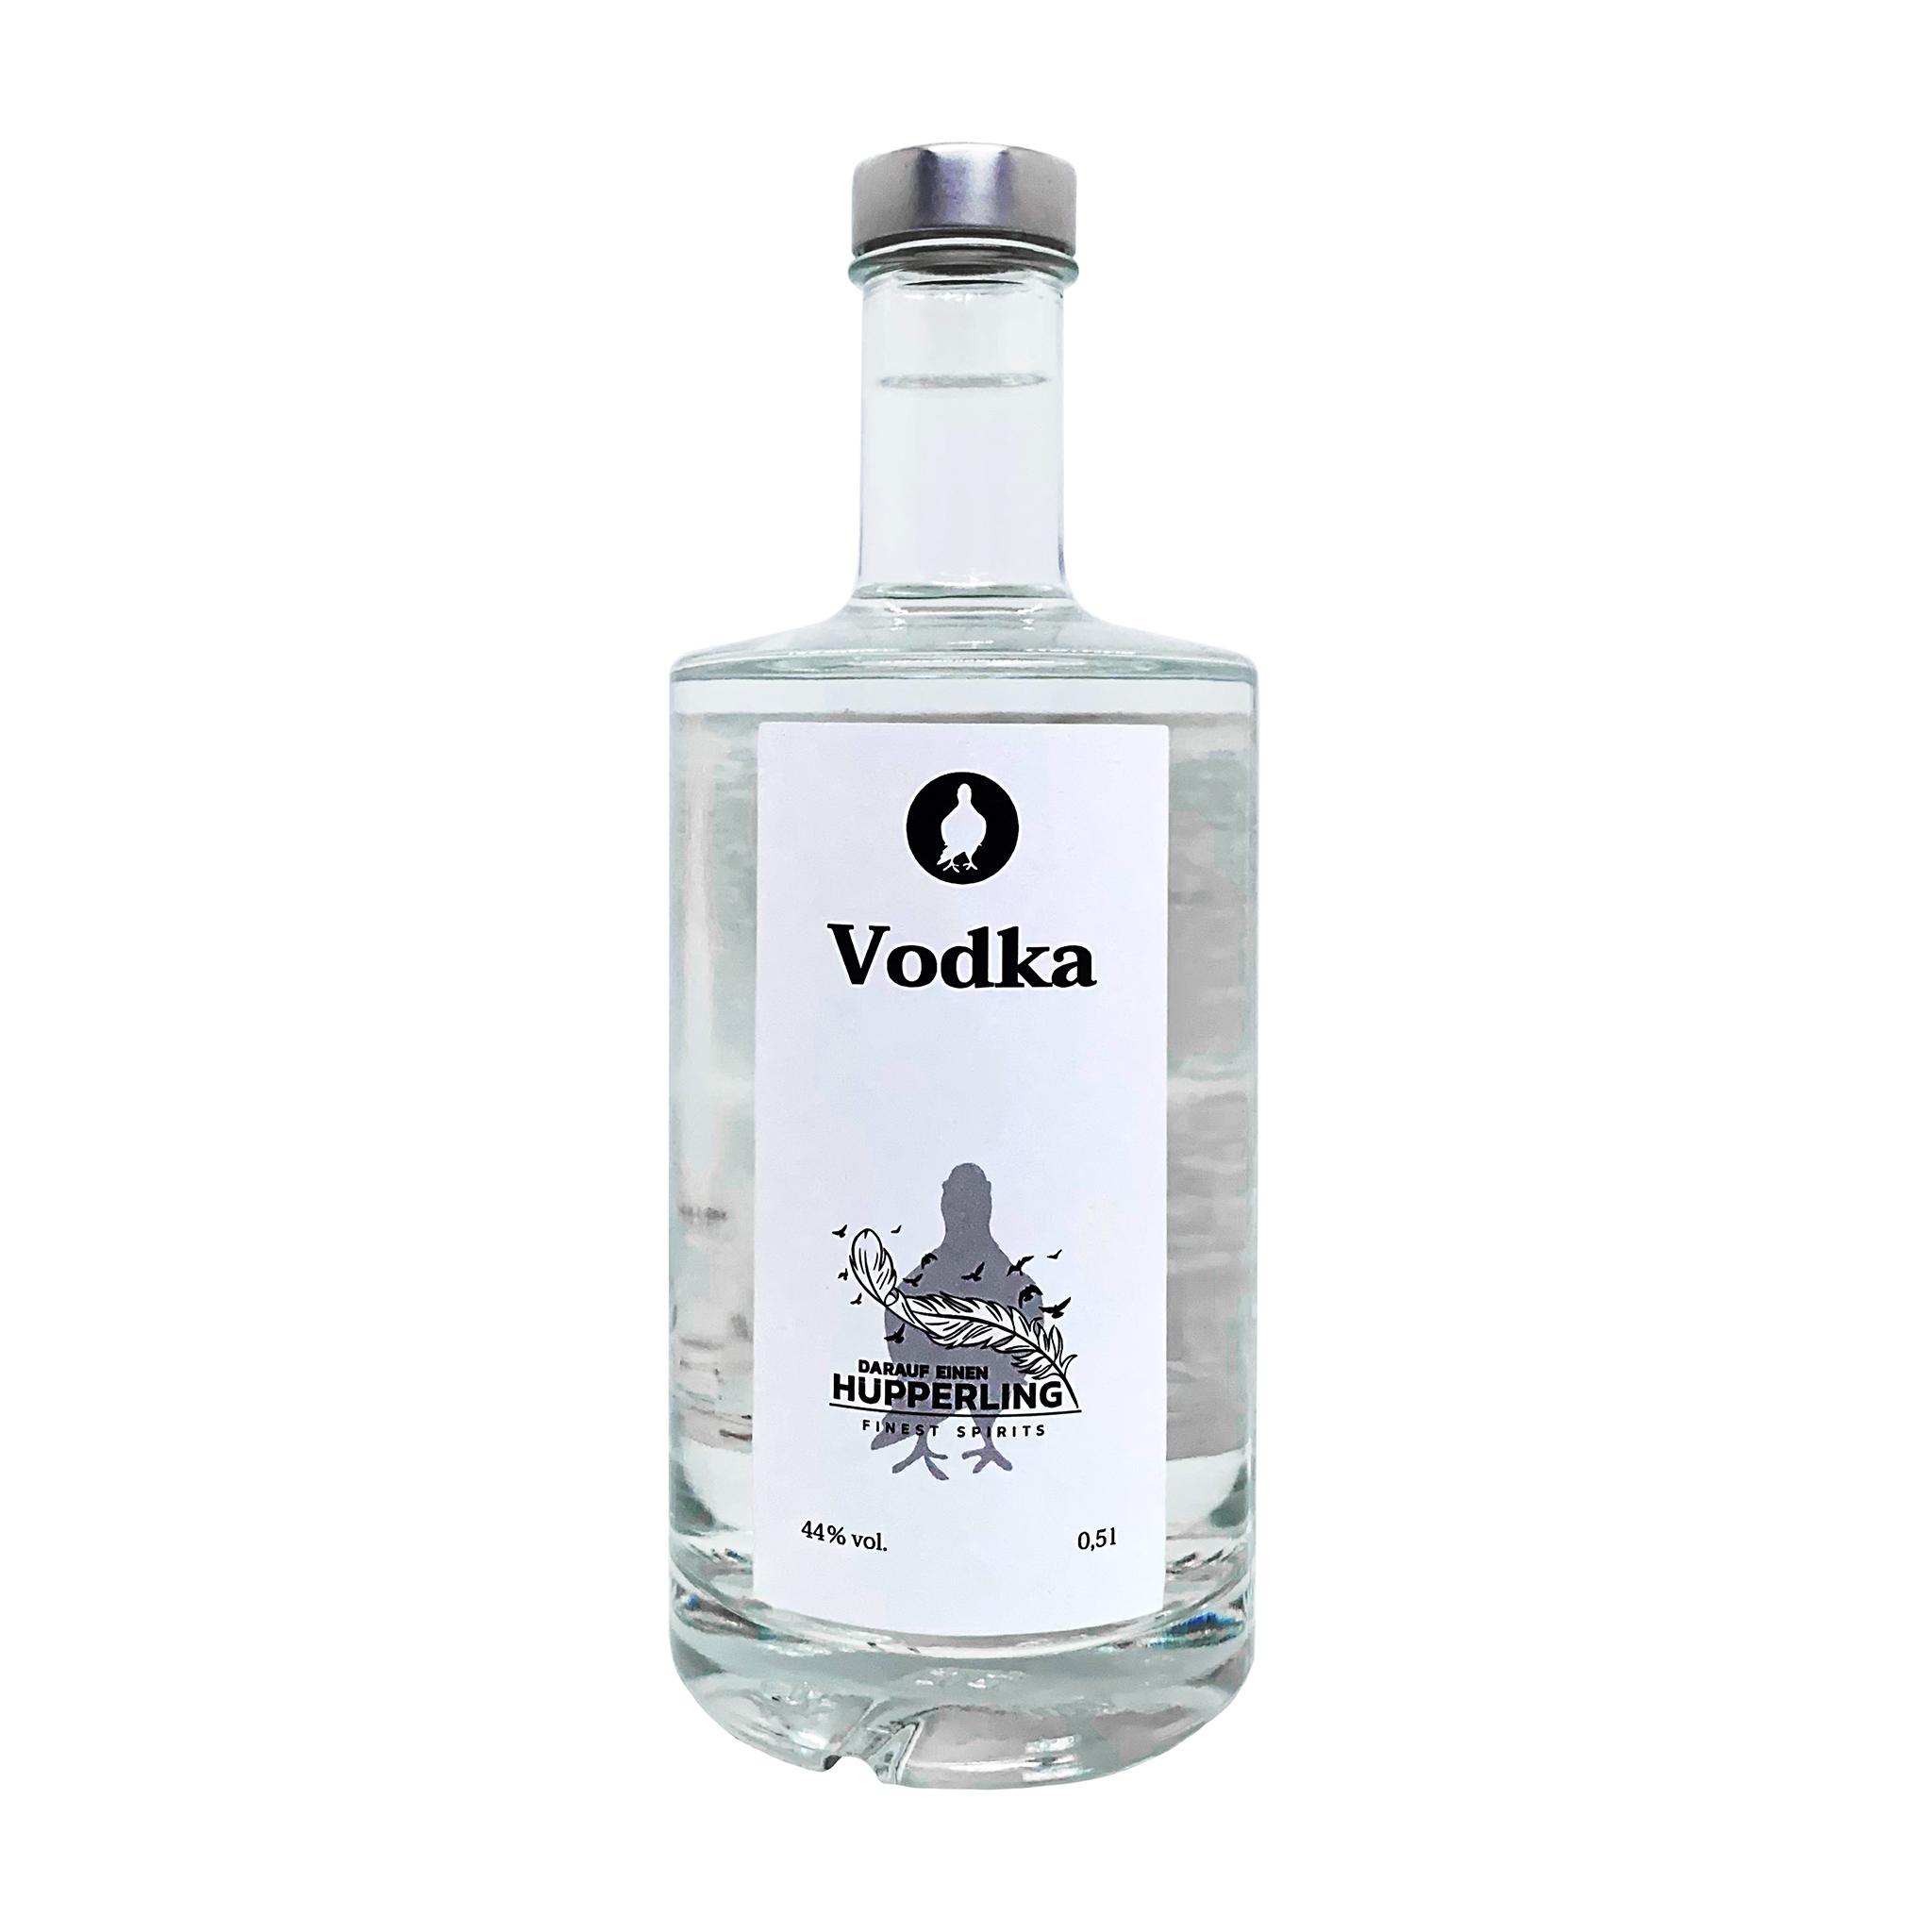 Produkt Darauf einen Hüpperling® - Destillerie Farthofer GmbH